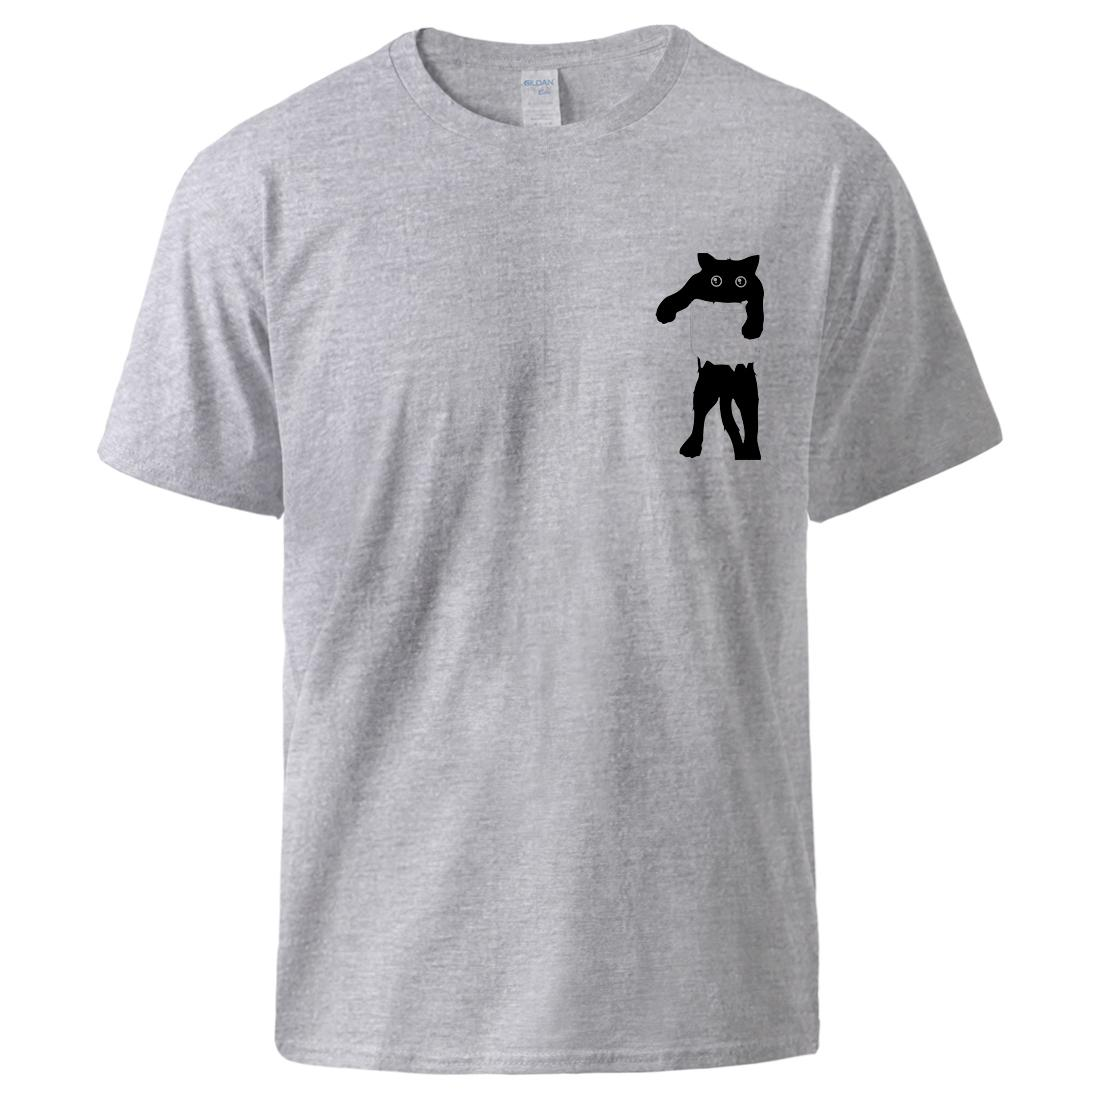 Мультфильм Кот в карманный дизайн Top Графика животных печати футболки лето с коротким рукавом Повседневная Топ пуловер Мужской Simple Casual Tshirt